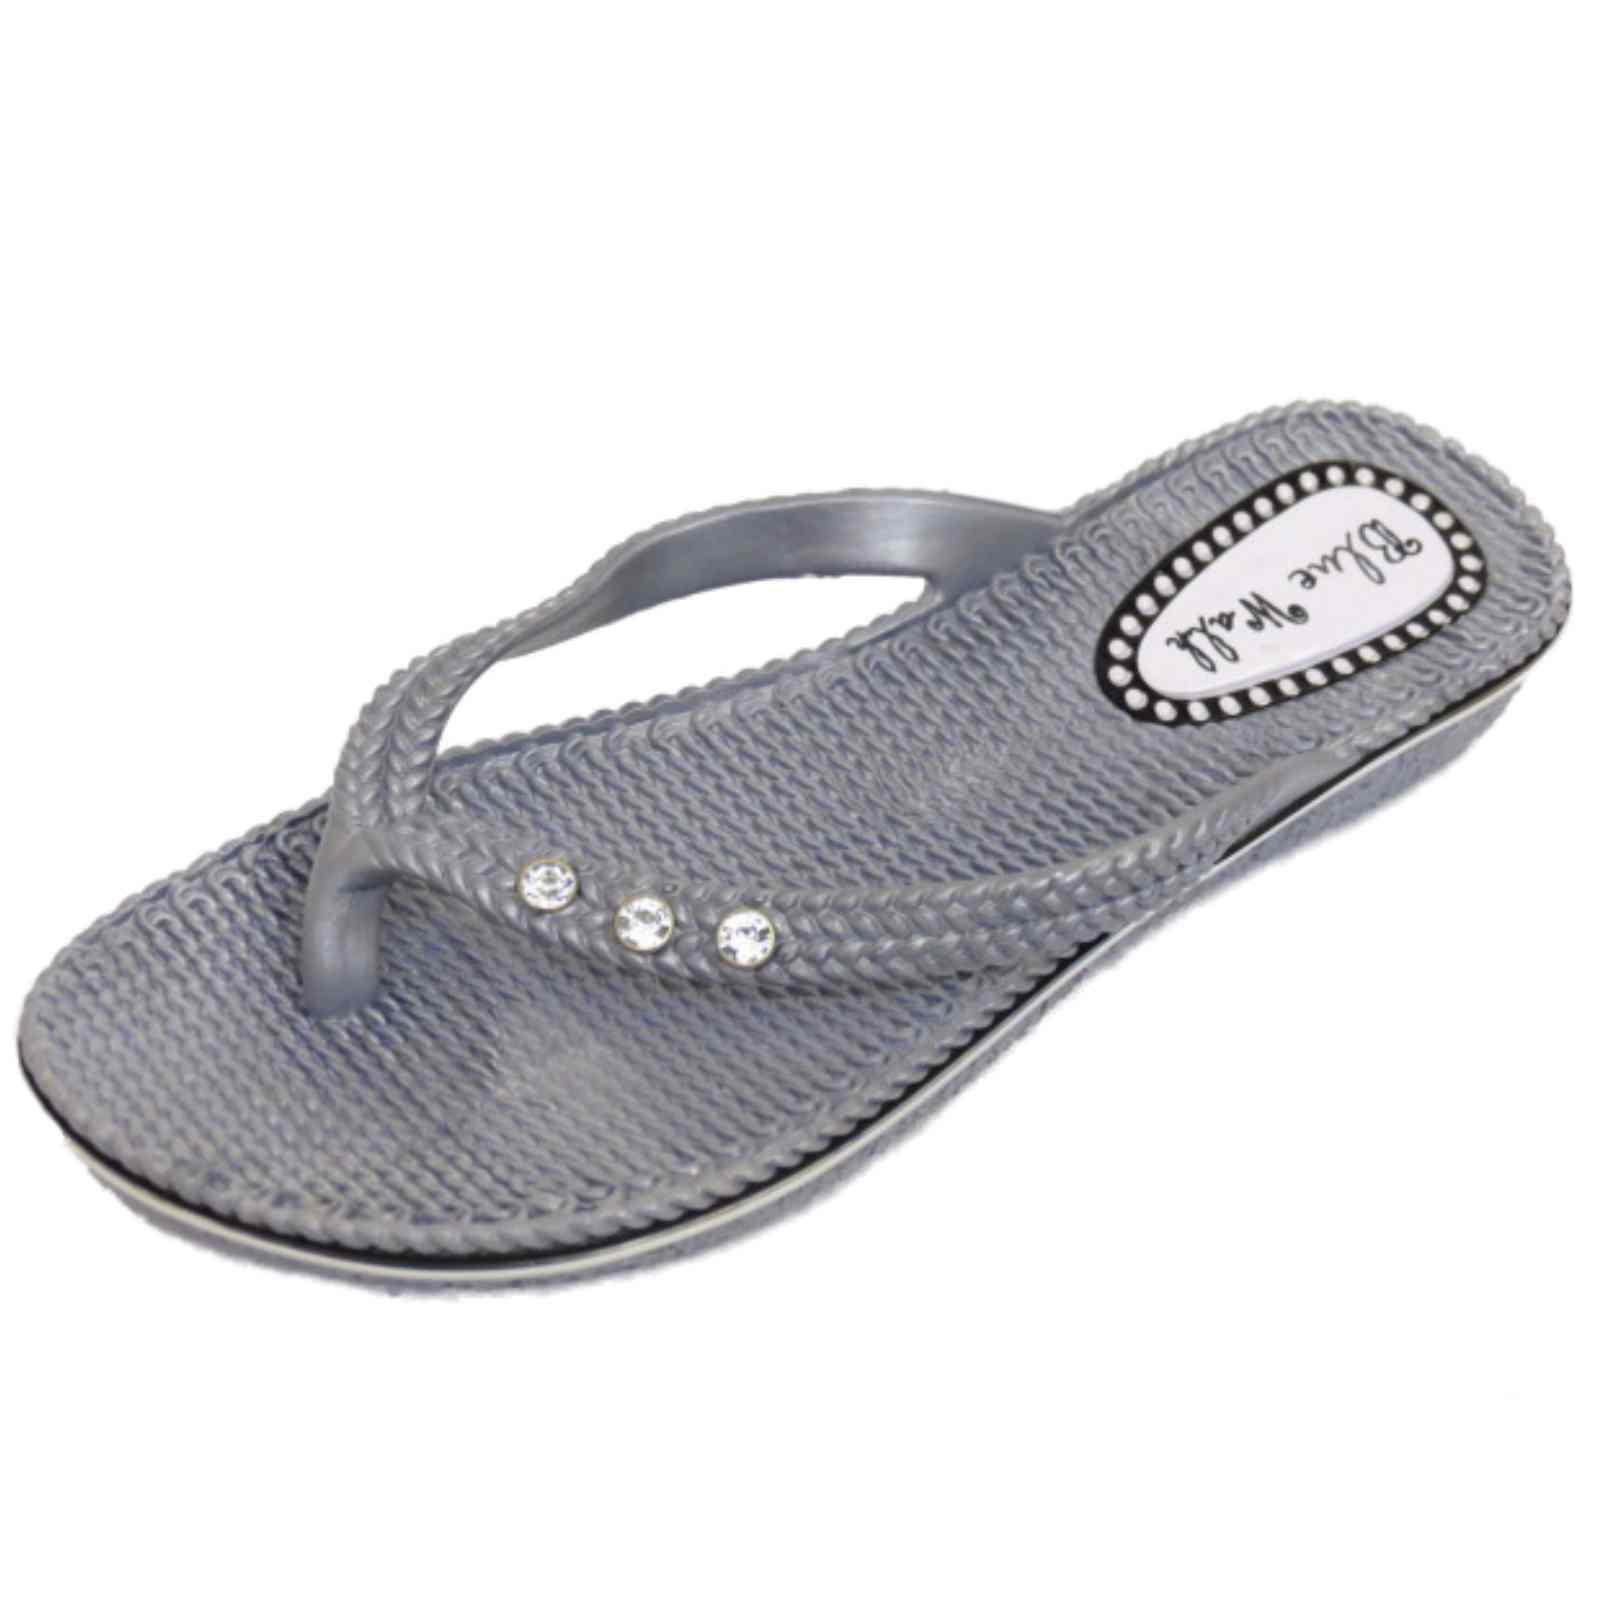 7074bbfde1a62 Tongs String Sandale Vacances Argent Plage Été Plates Femmes fAOBE